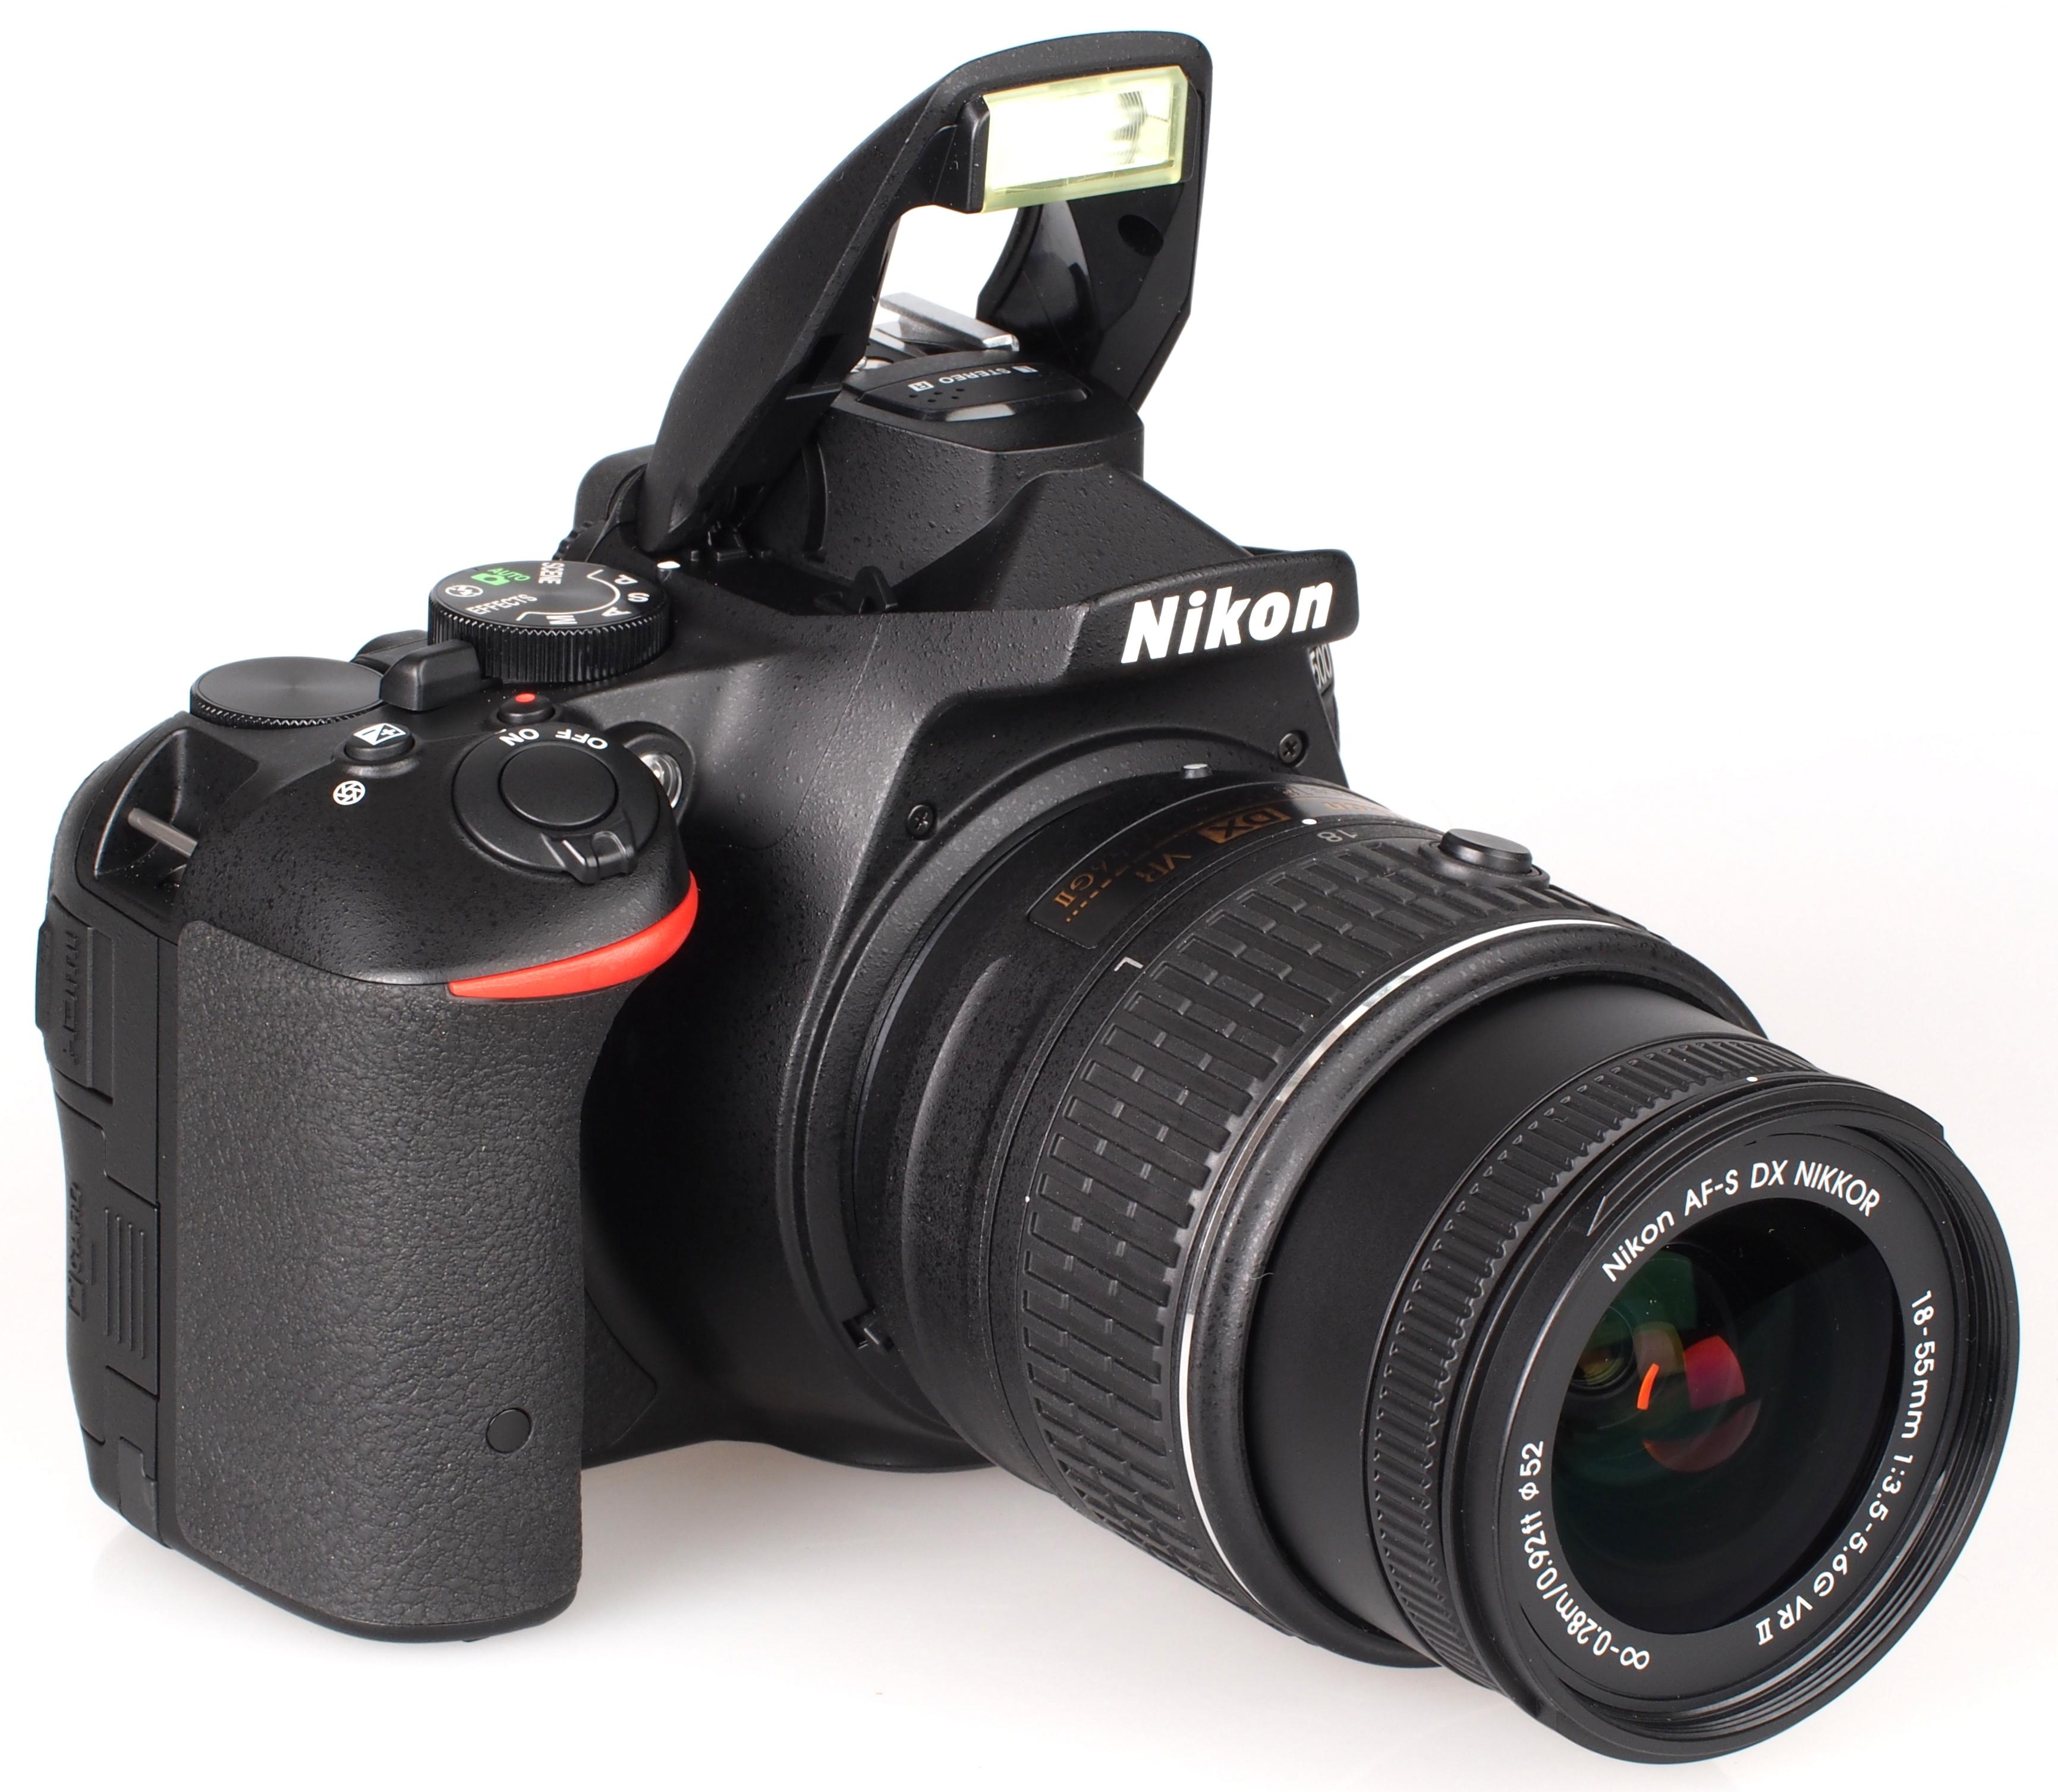 Nikon D5500 Digital Camera Review - Reviewed.com Cameras